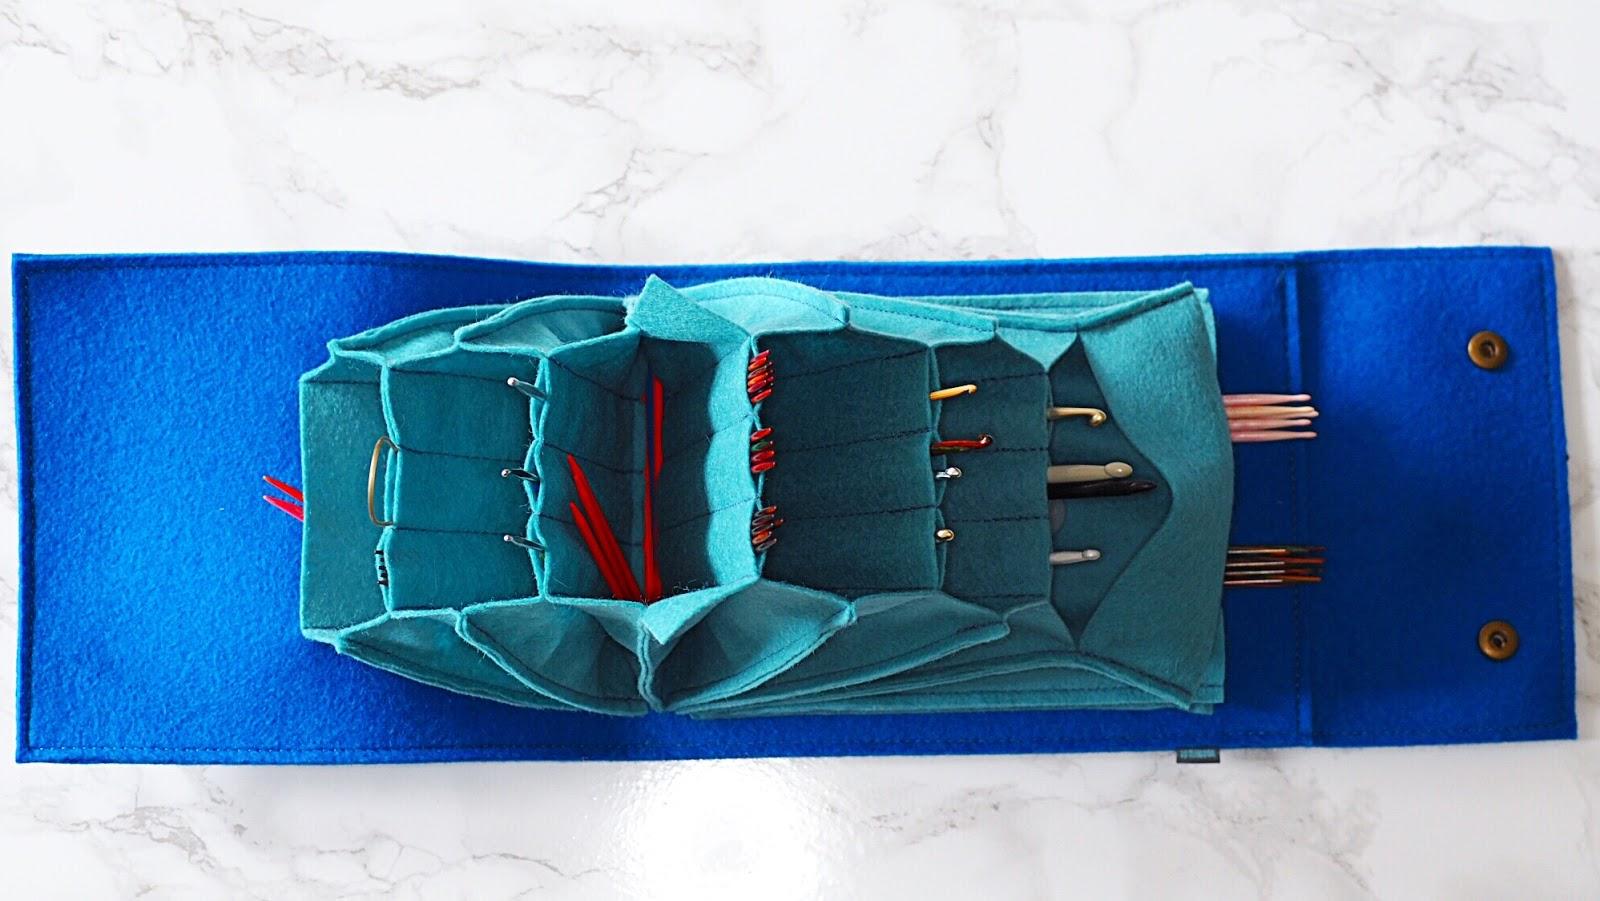 Nadelspieltasche von Bodolina